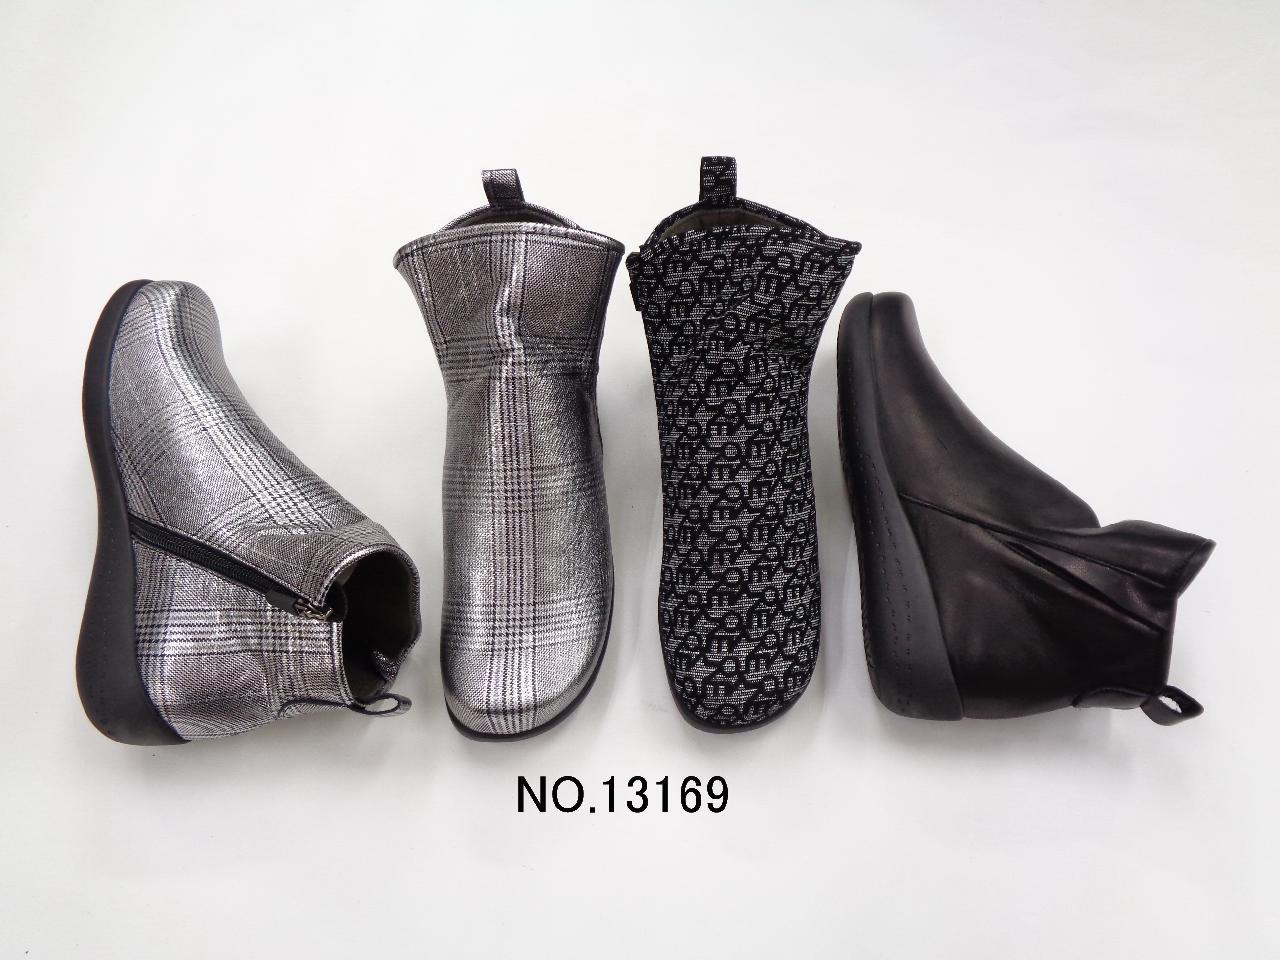 No.13169 モードな装いのスタイリッシュブーツ